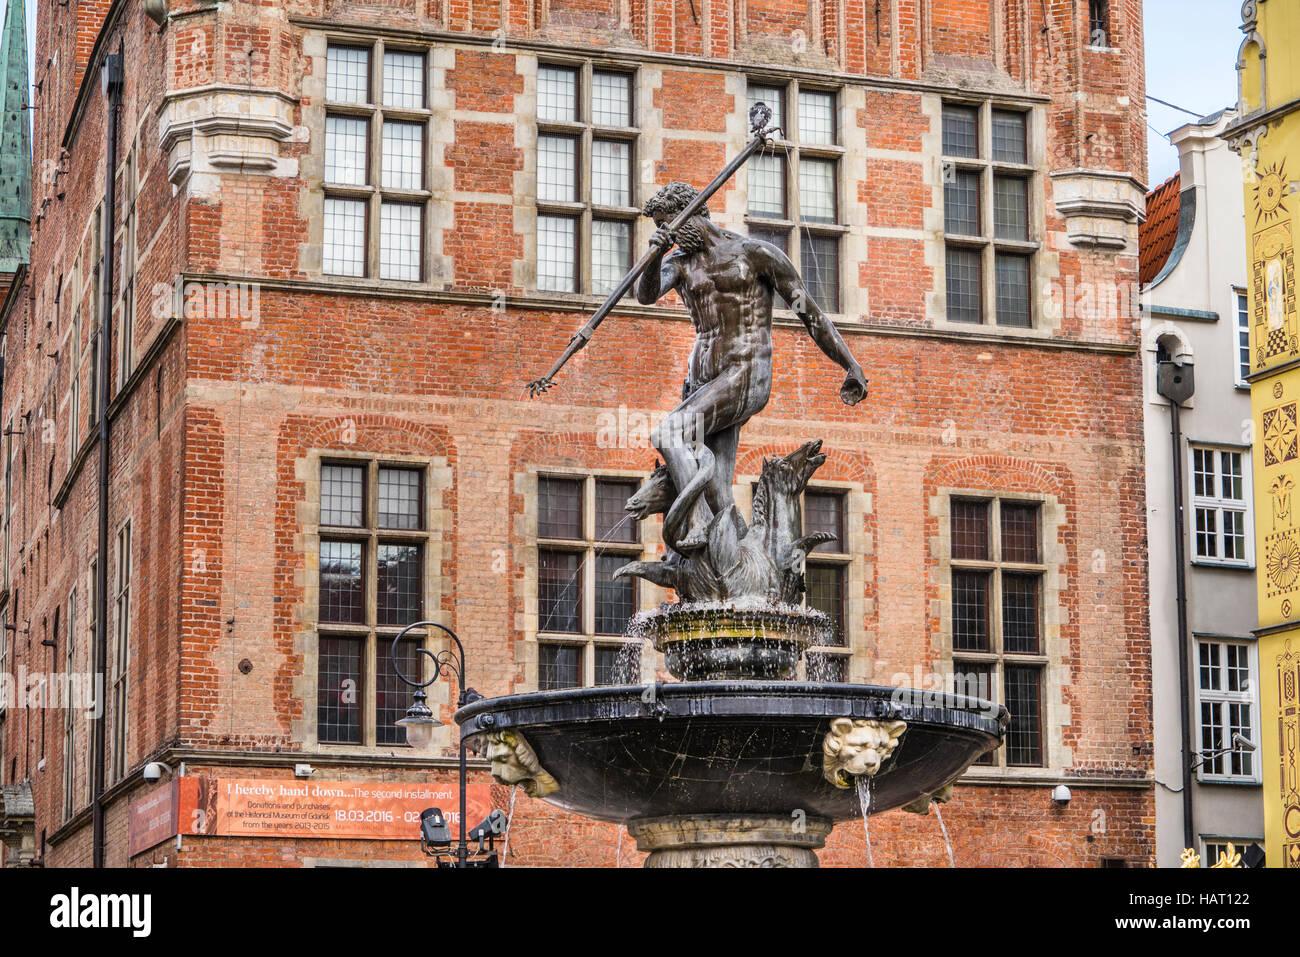 Poland, Pomerania, Gdansk (Danzig), Neptune's Fountain Statue at Long Market (Langer Markt/Dlugi Targ) against the Stock Photo